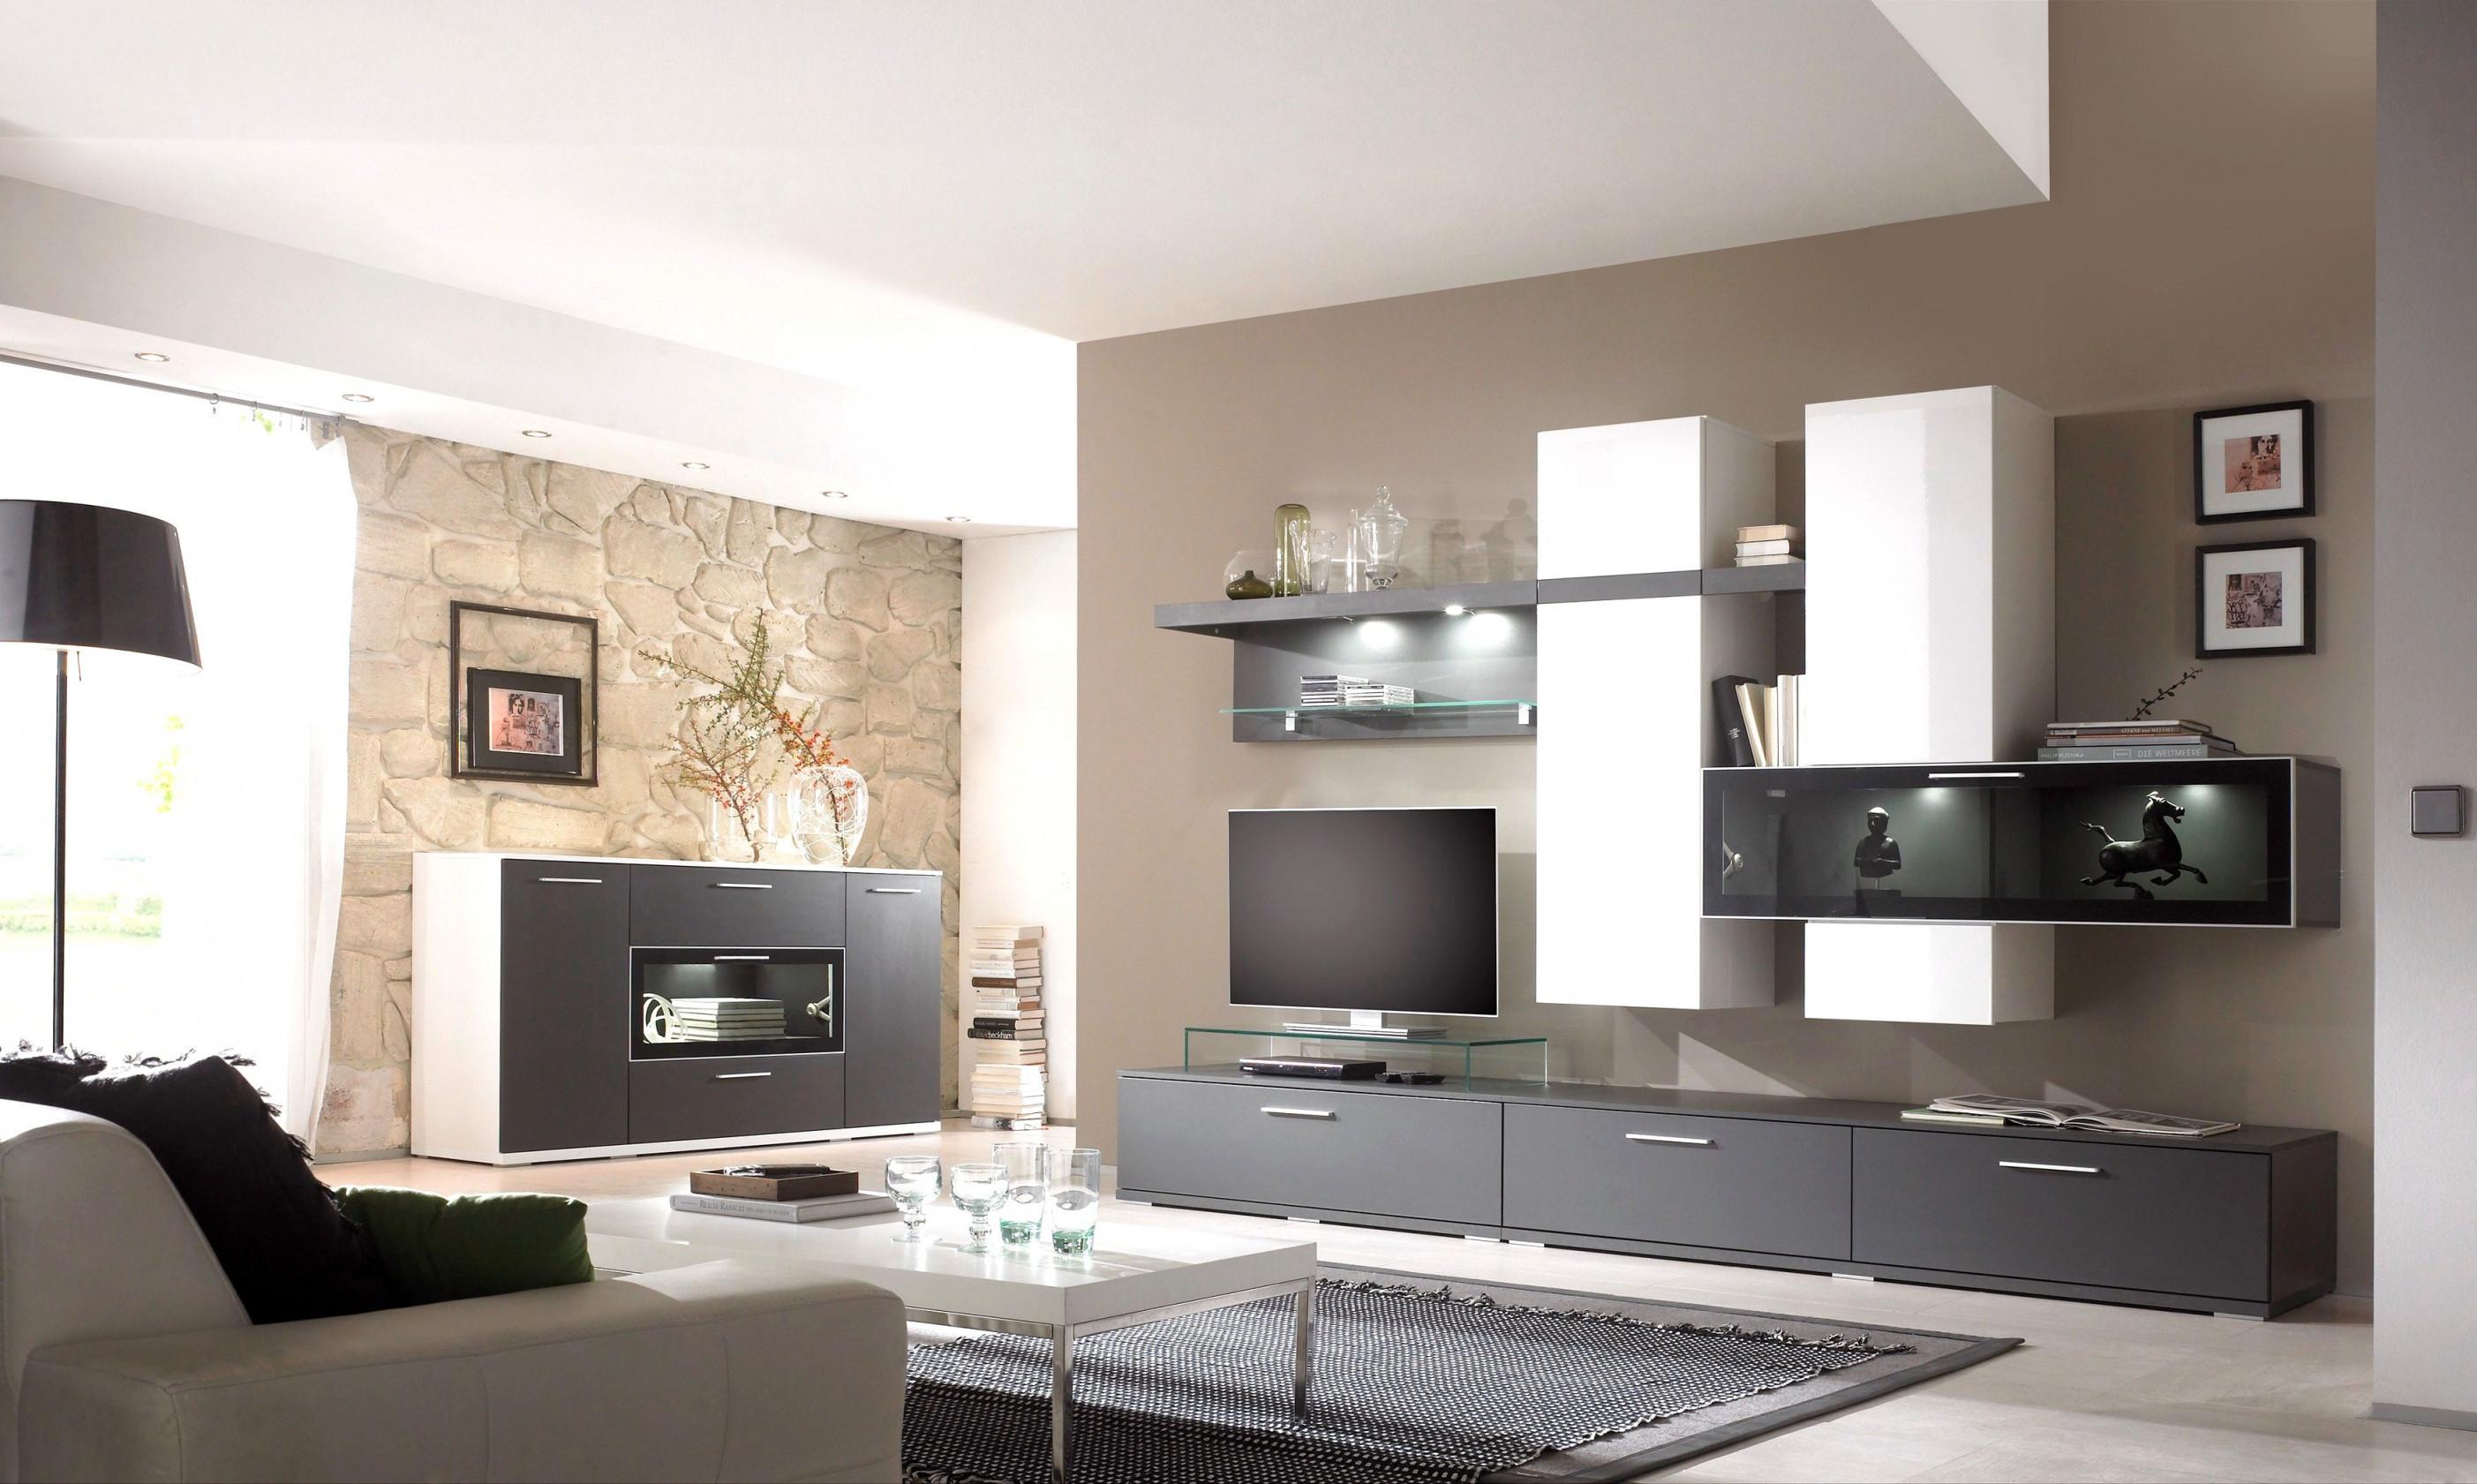 Exquisit Wandfarben Ideen Wohnzimmer Farben 107  Wohnzimmer von Wohnzimmer Gestalten Ideen Farben Bild